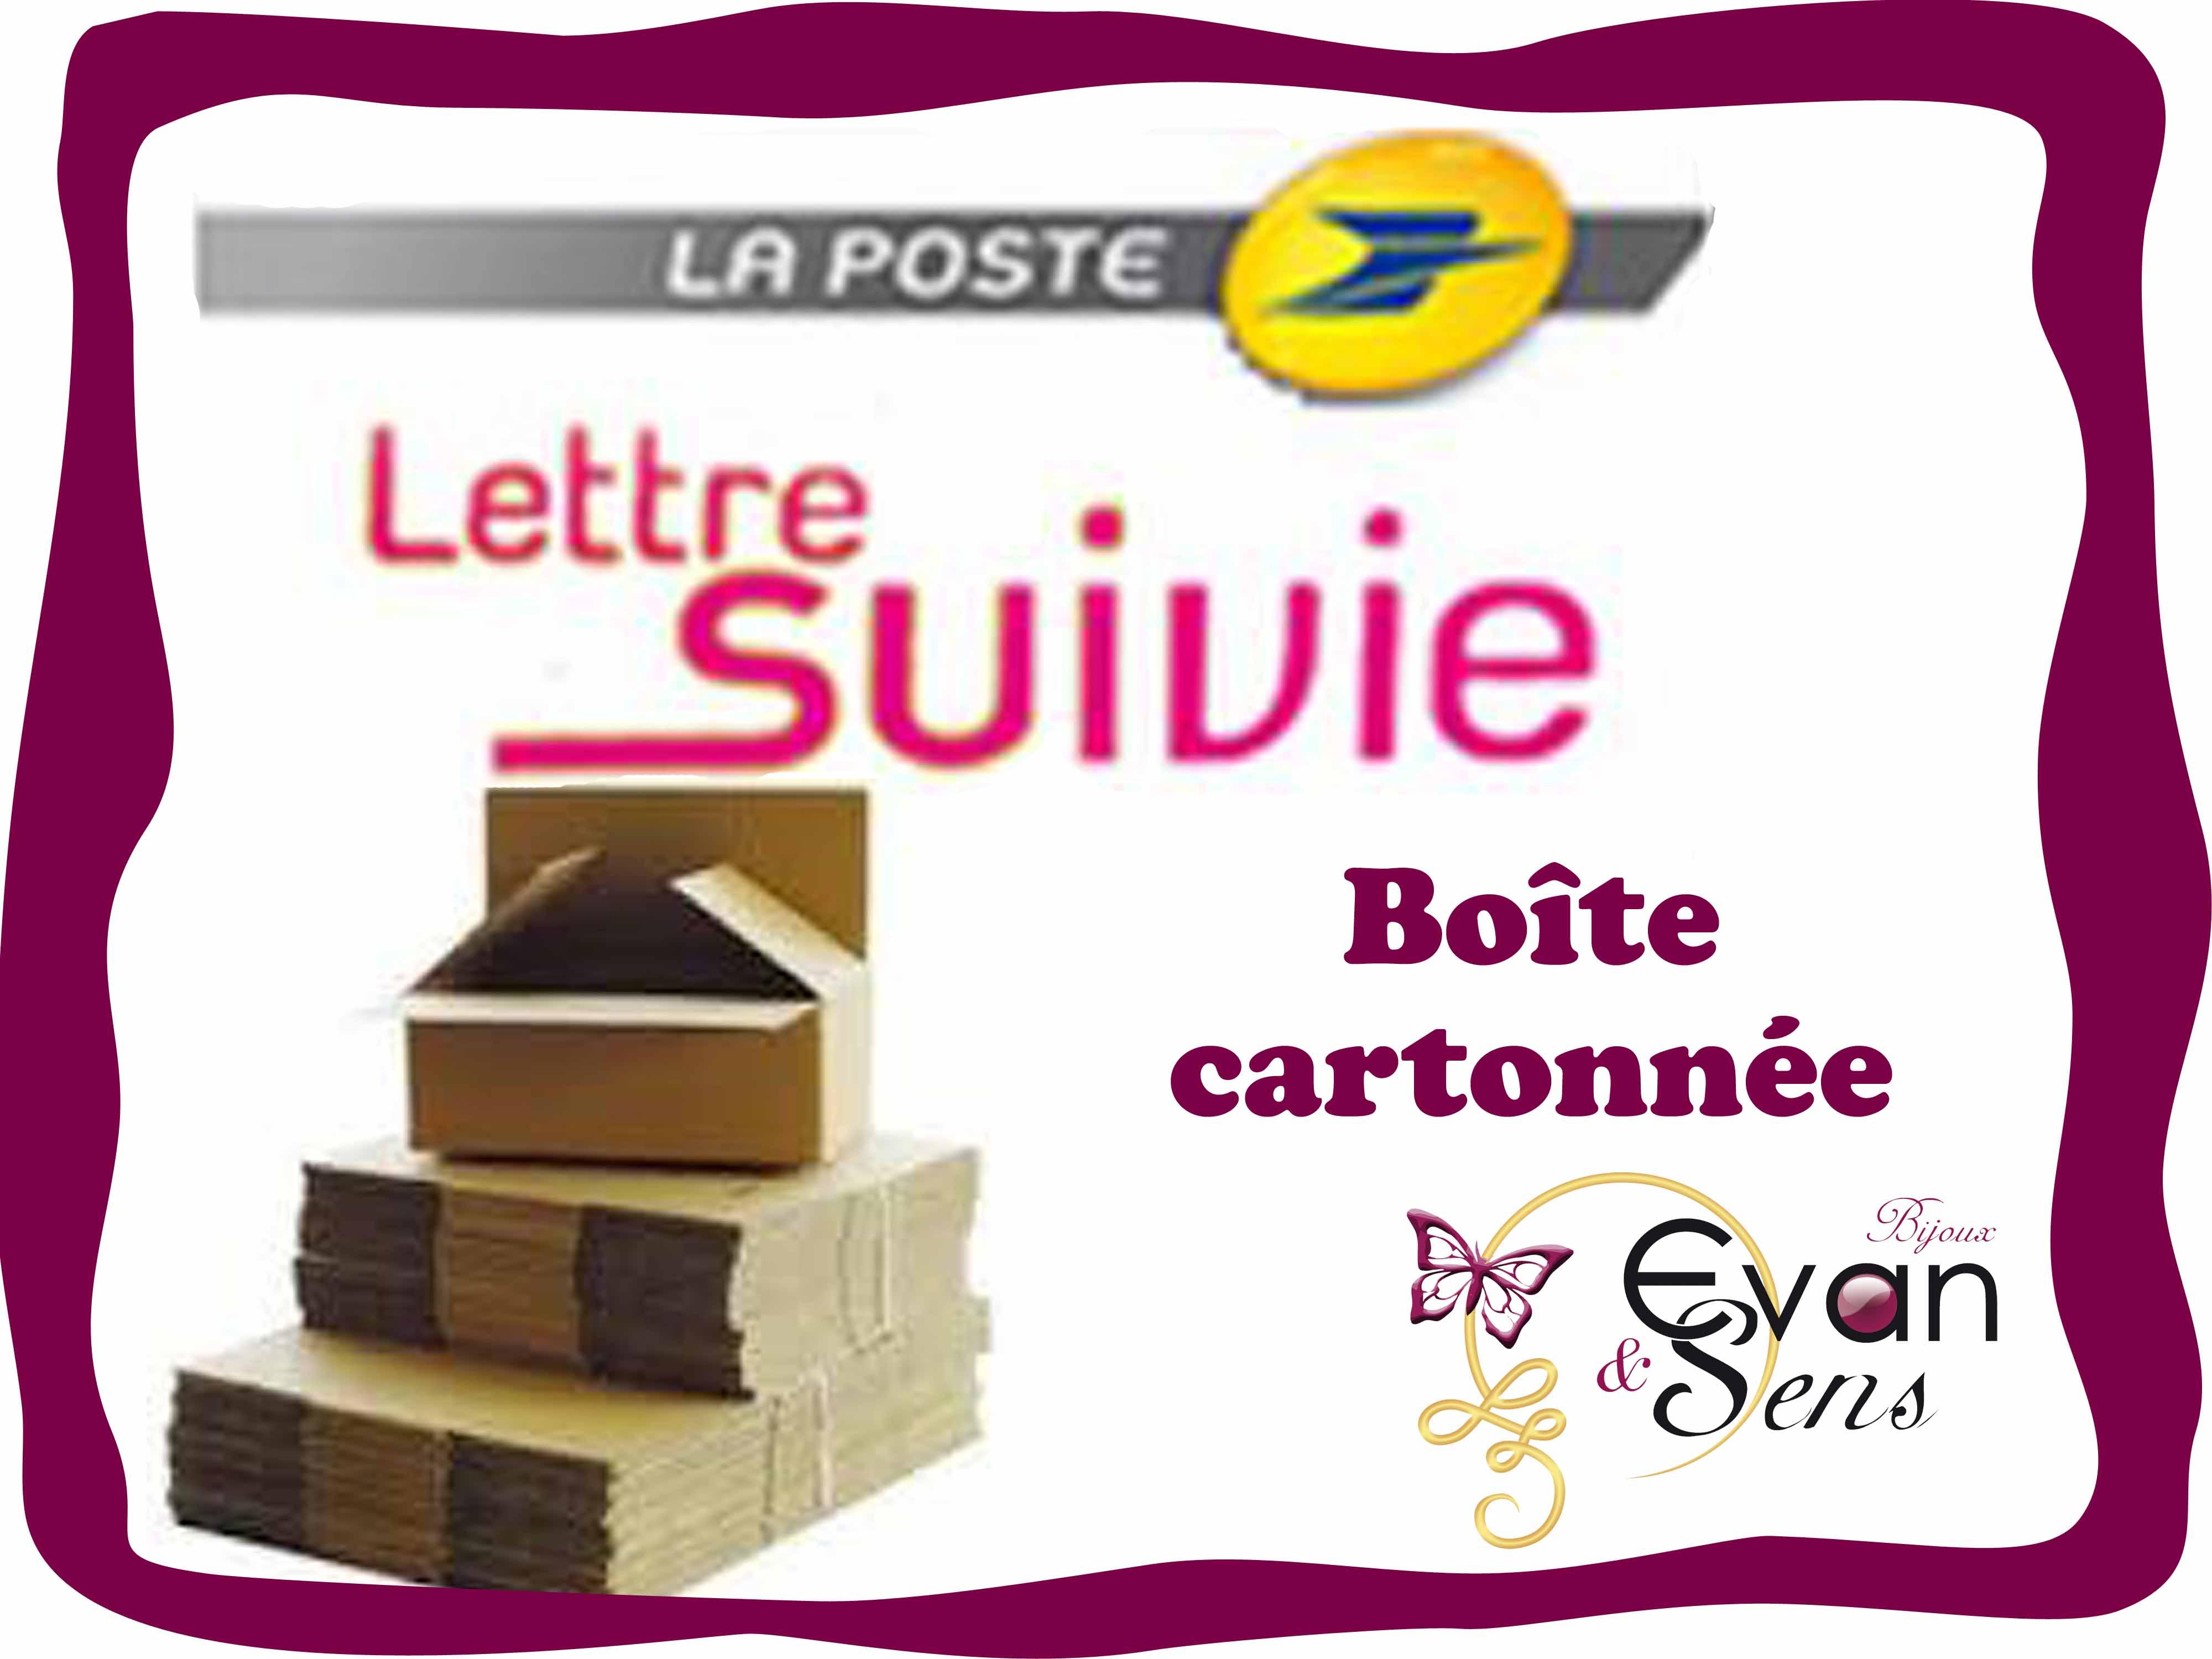 Lettre Suivie boîte cartonnée 100 g